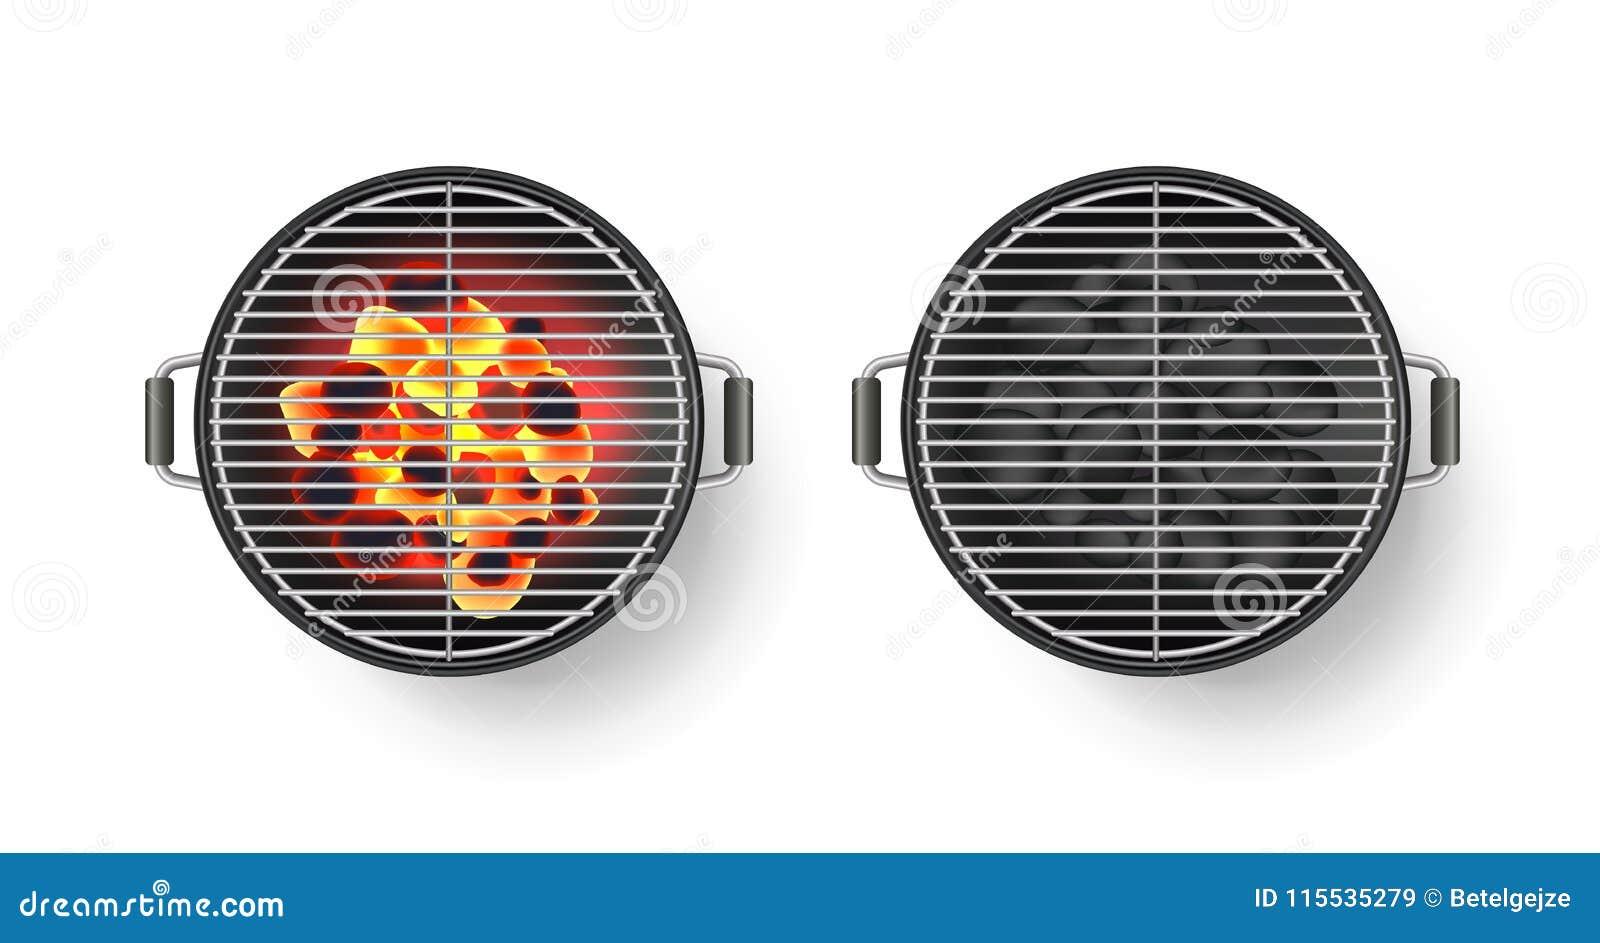 Wektorowa realistyczna 3d ilustracja round pusty grilla grill z gorącym węglem, odosobniona na białym tle BBQ odgórny widok